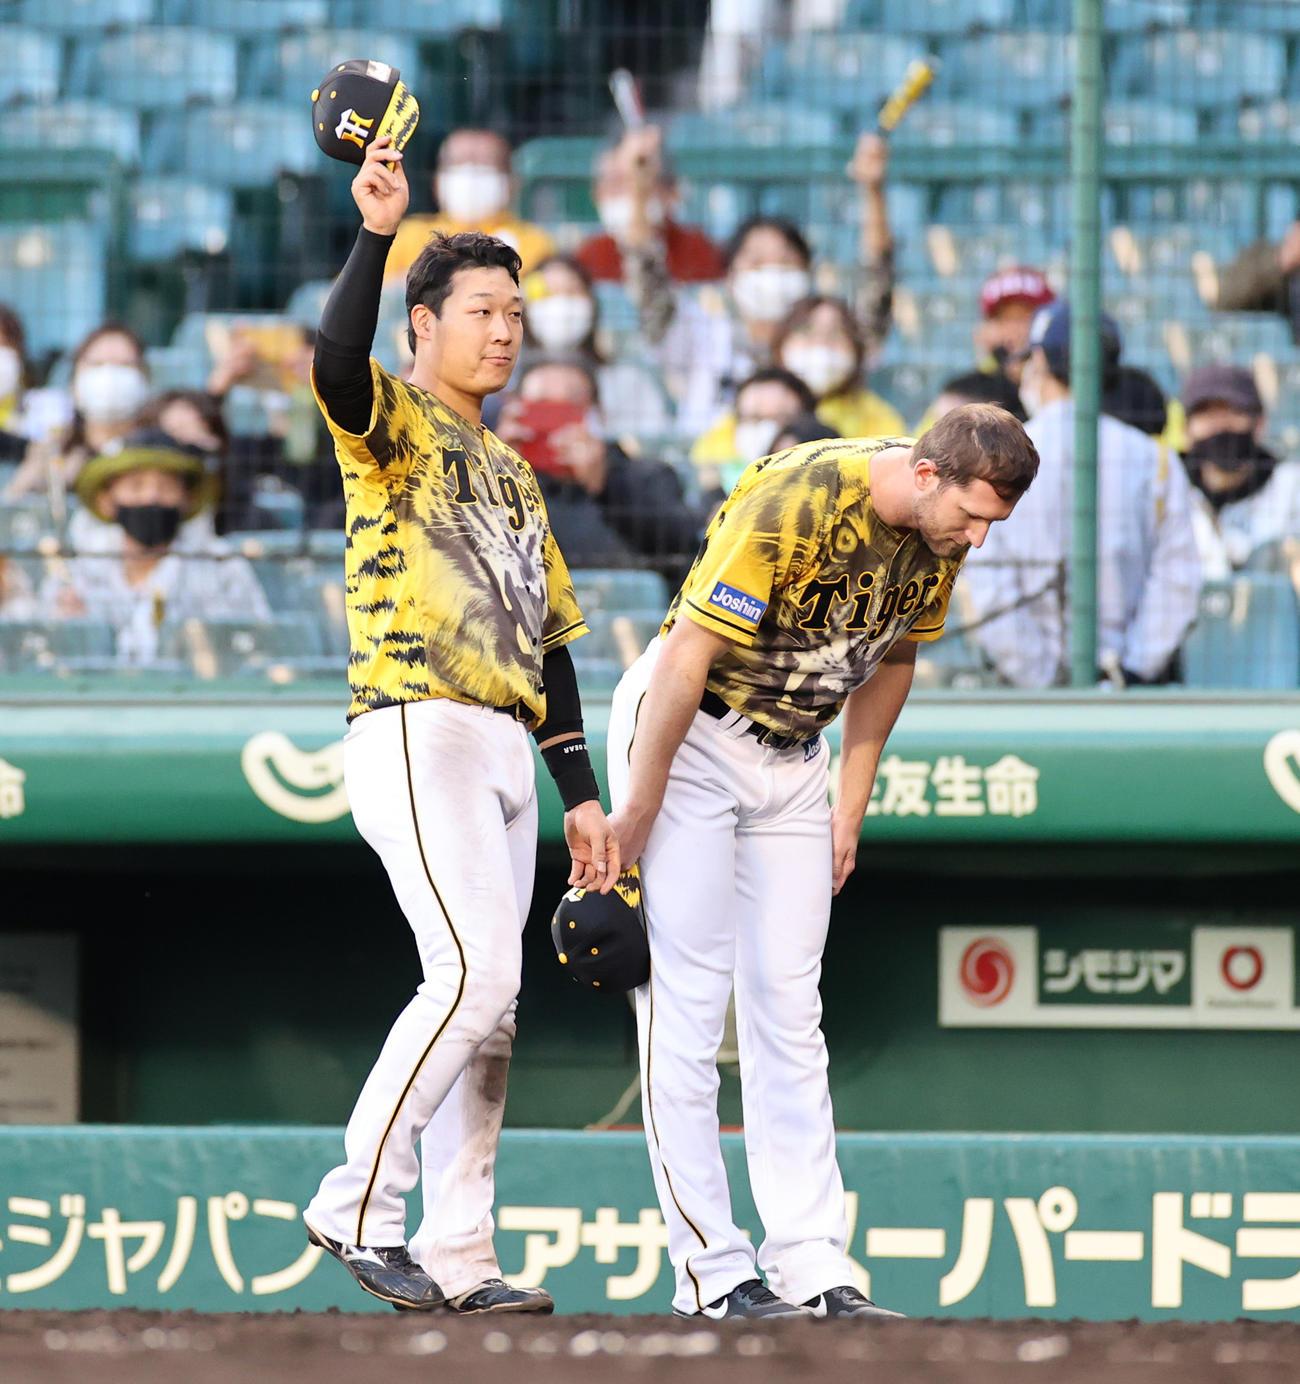 阪神対ヤクルト ヒーローインタビューを終えファンにあいさつする大山(左)とガンケル(撮影・清水貴仁)